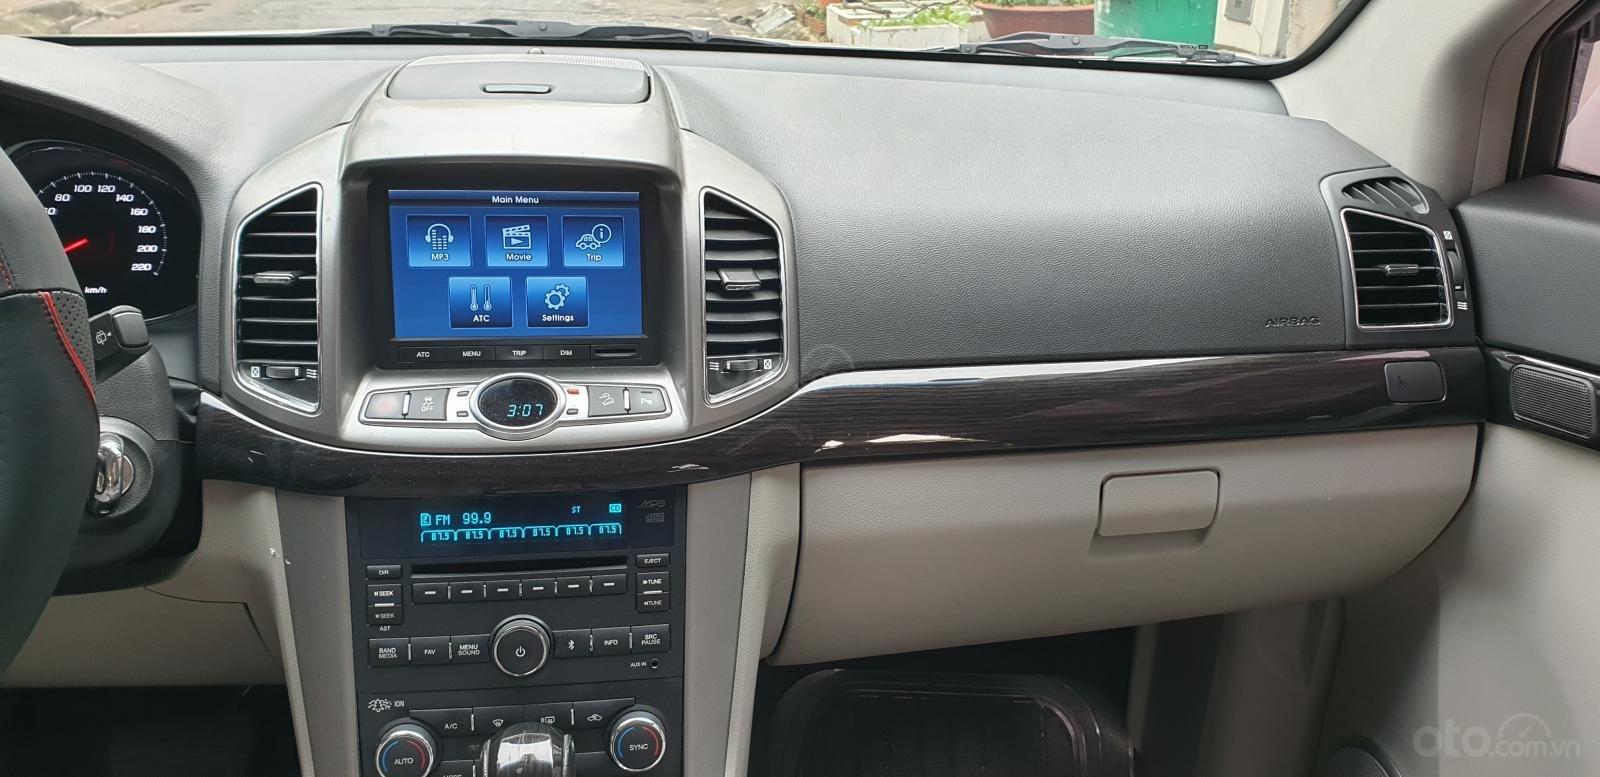 Bán Chevrolet Captiva LTZ máy Ecotec số tự động model 2016, SX T12/ 2015, màu trắng, đẹp mới 90% (14)